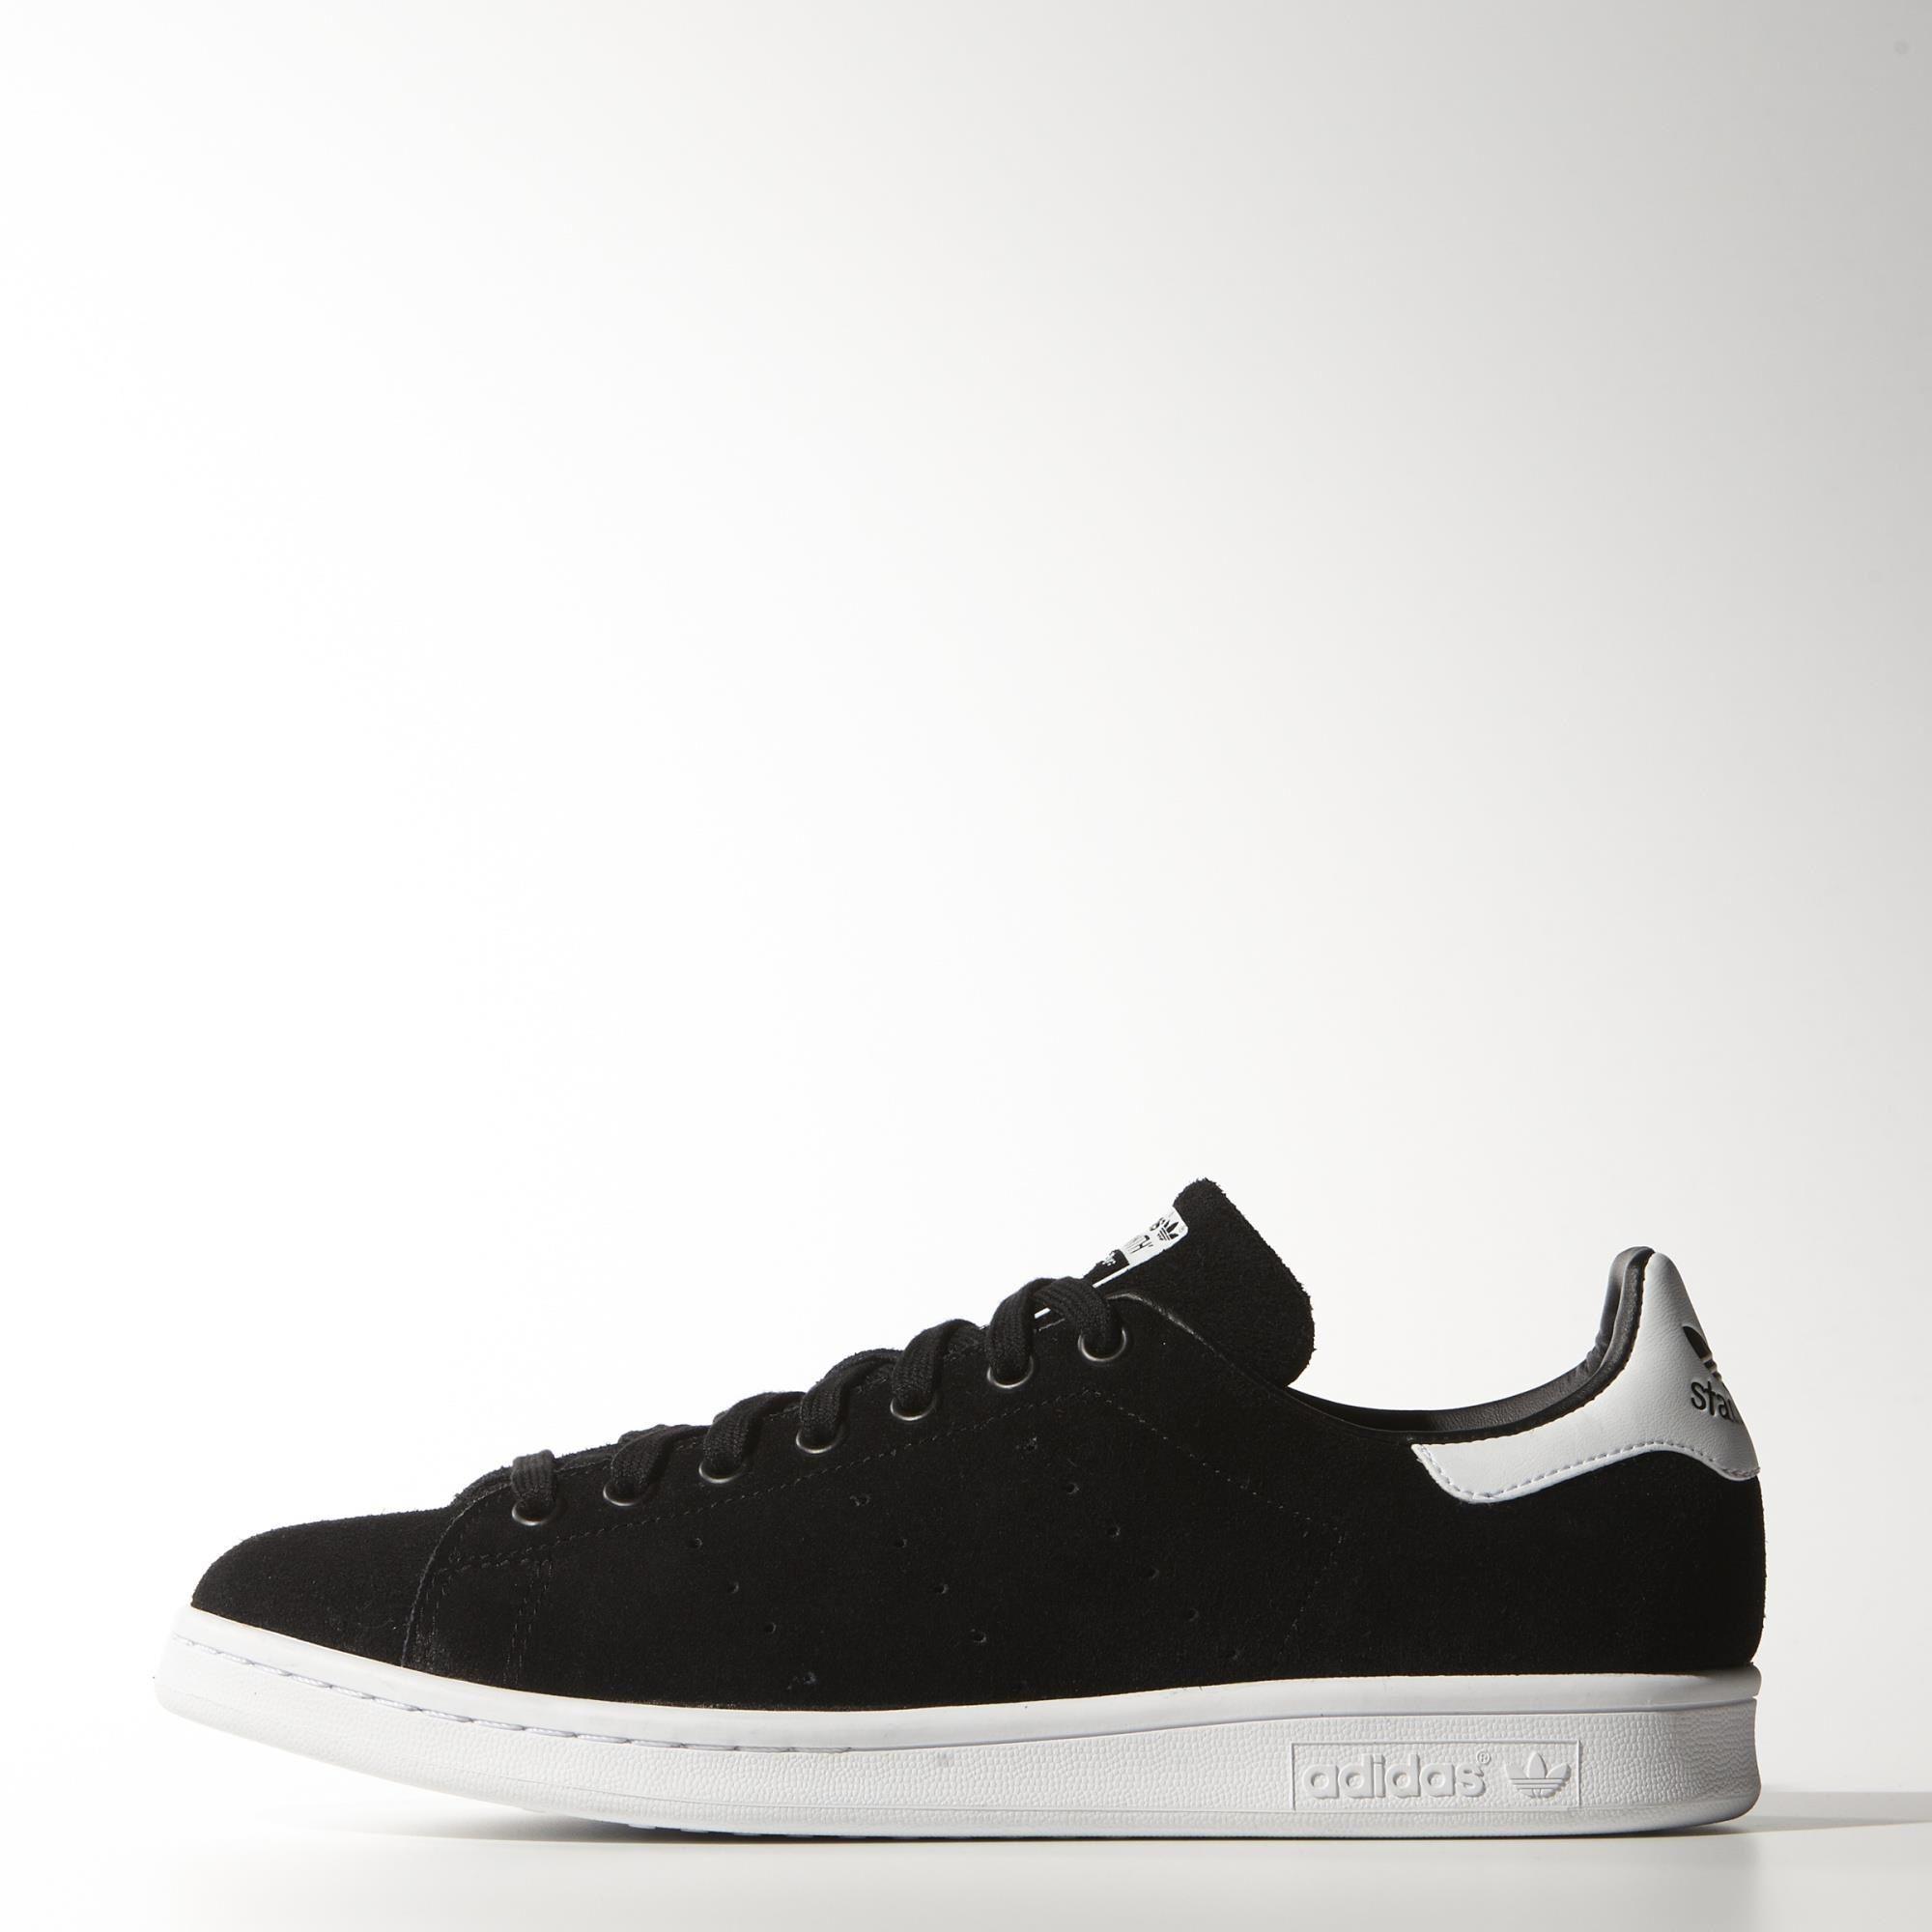 quality design 7466c b0370 adidas Official Website   adidas US